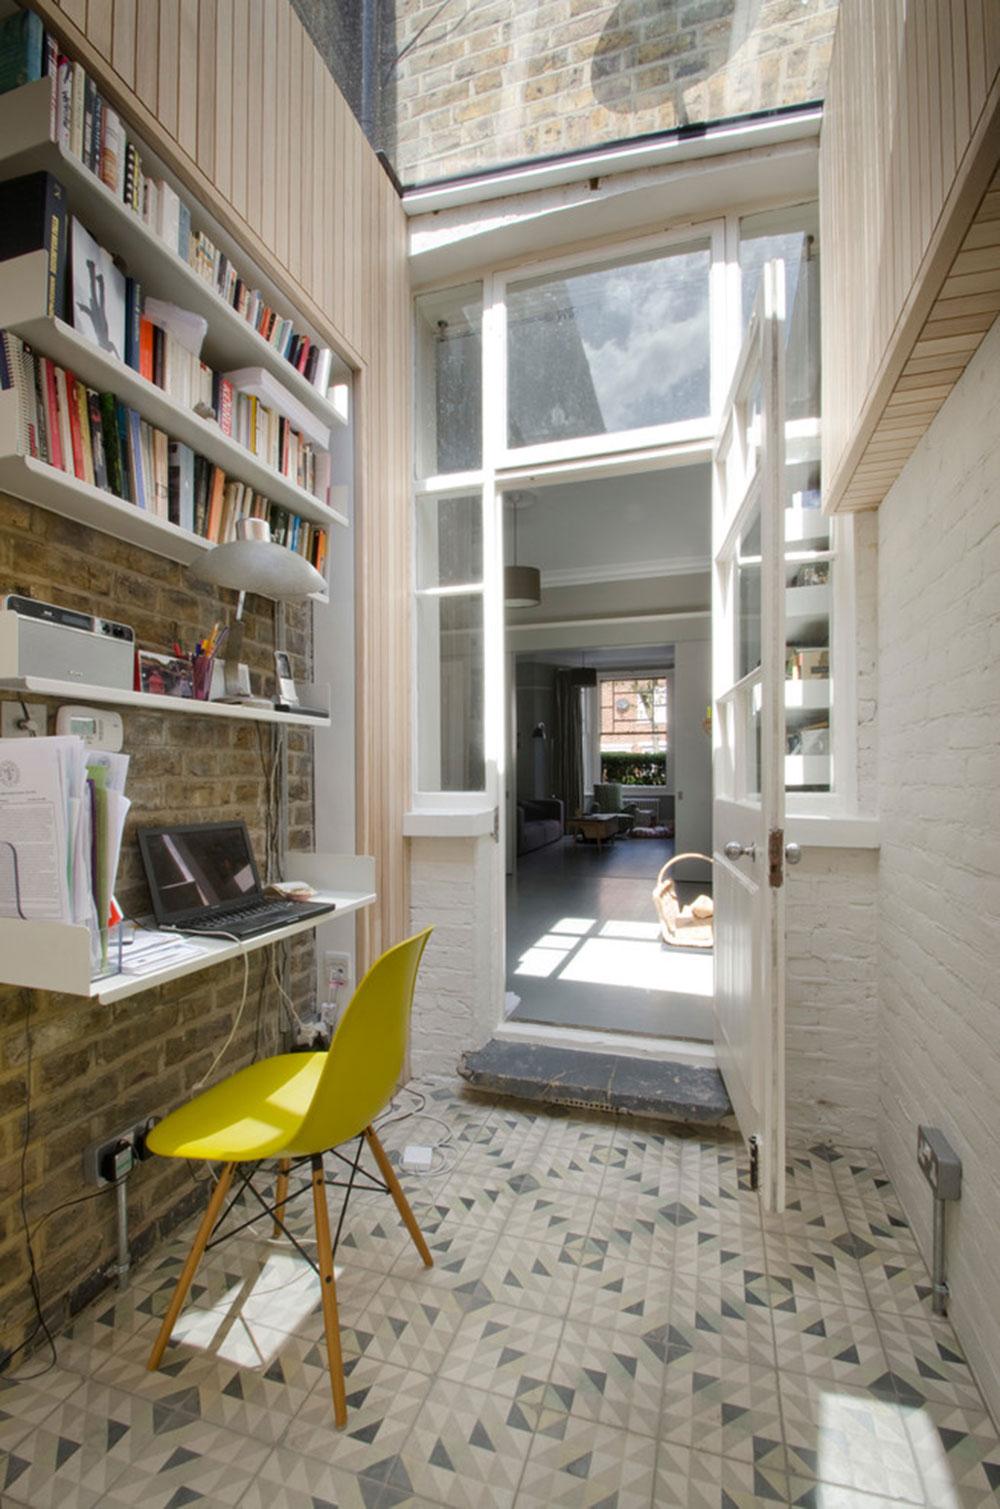 Diy-wall-desk-for-a-pleasant-job9 DIY wall-mounted desk design ideas